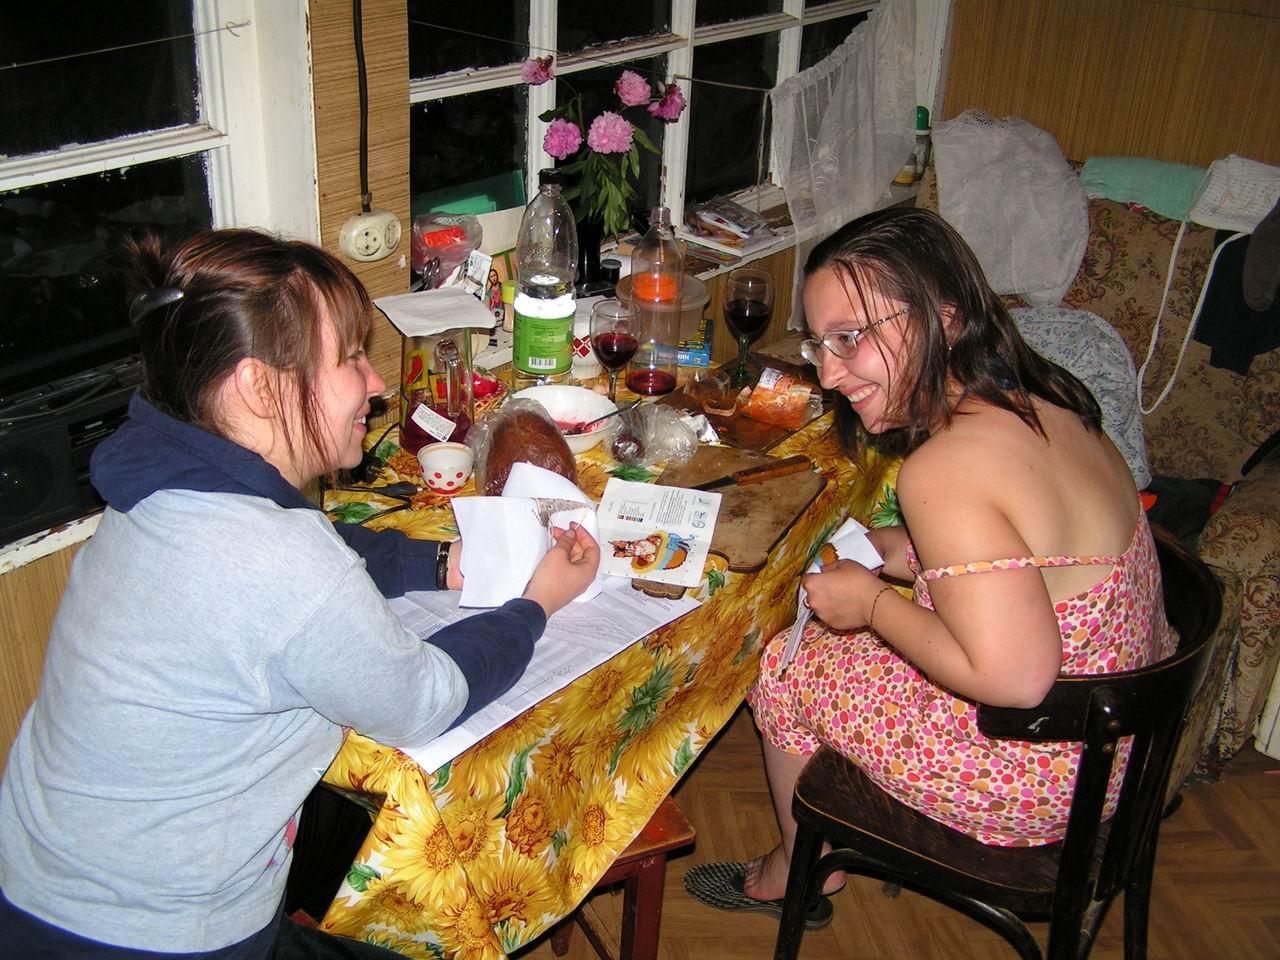 С подругой жены на даче фото